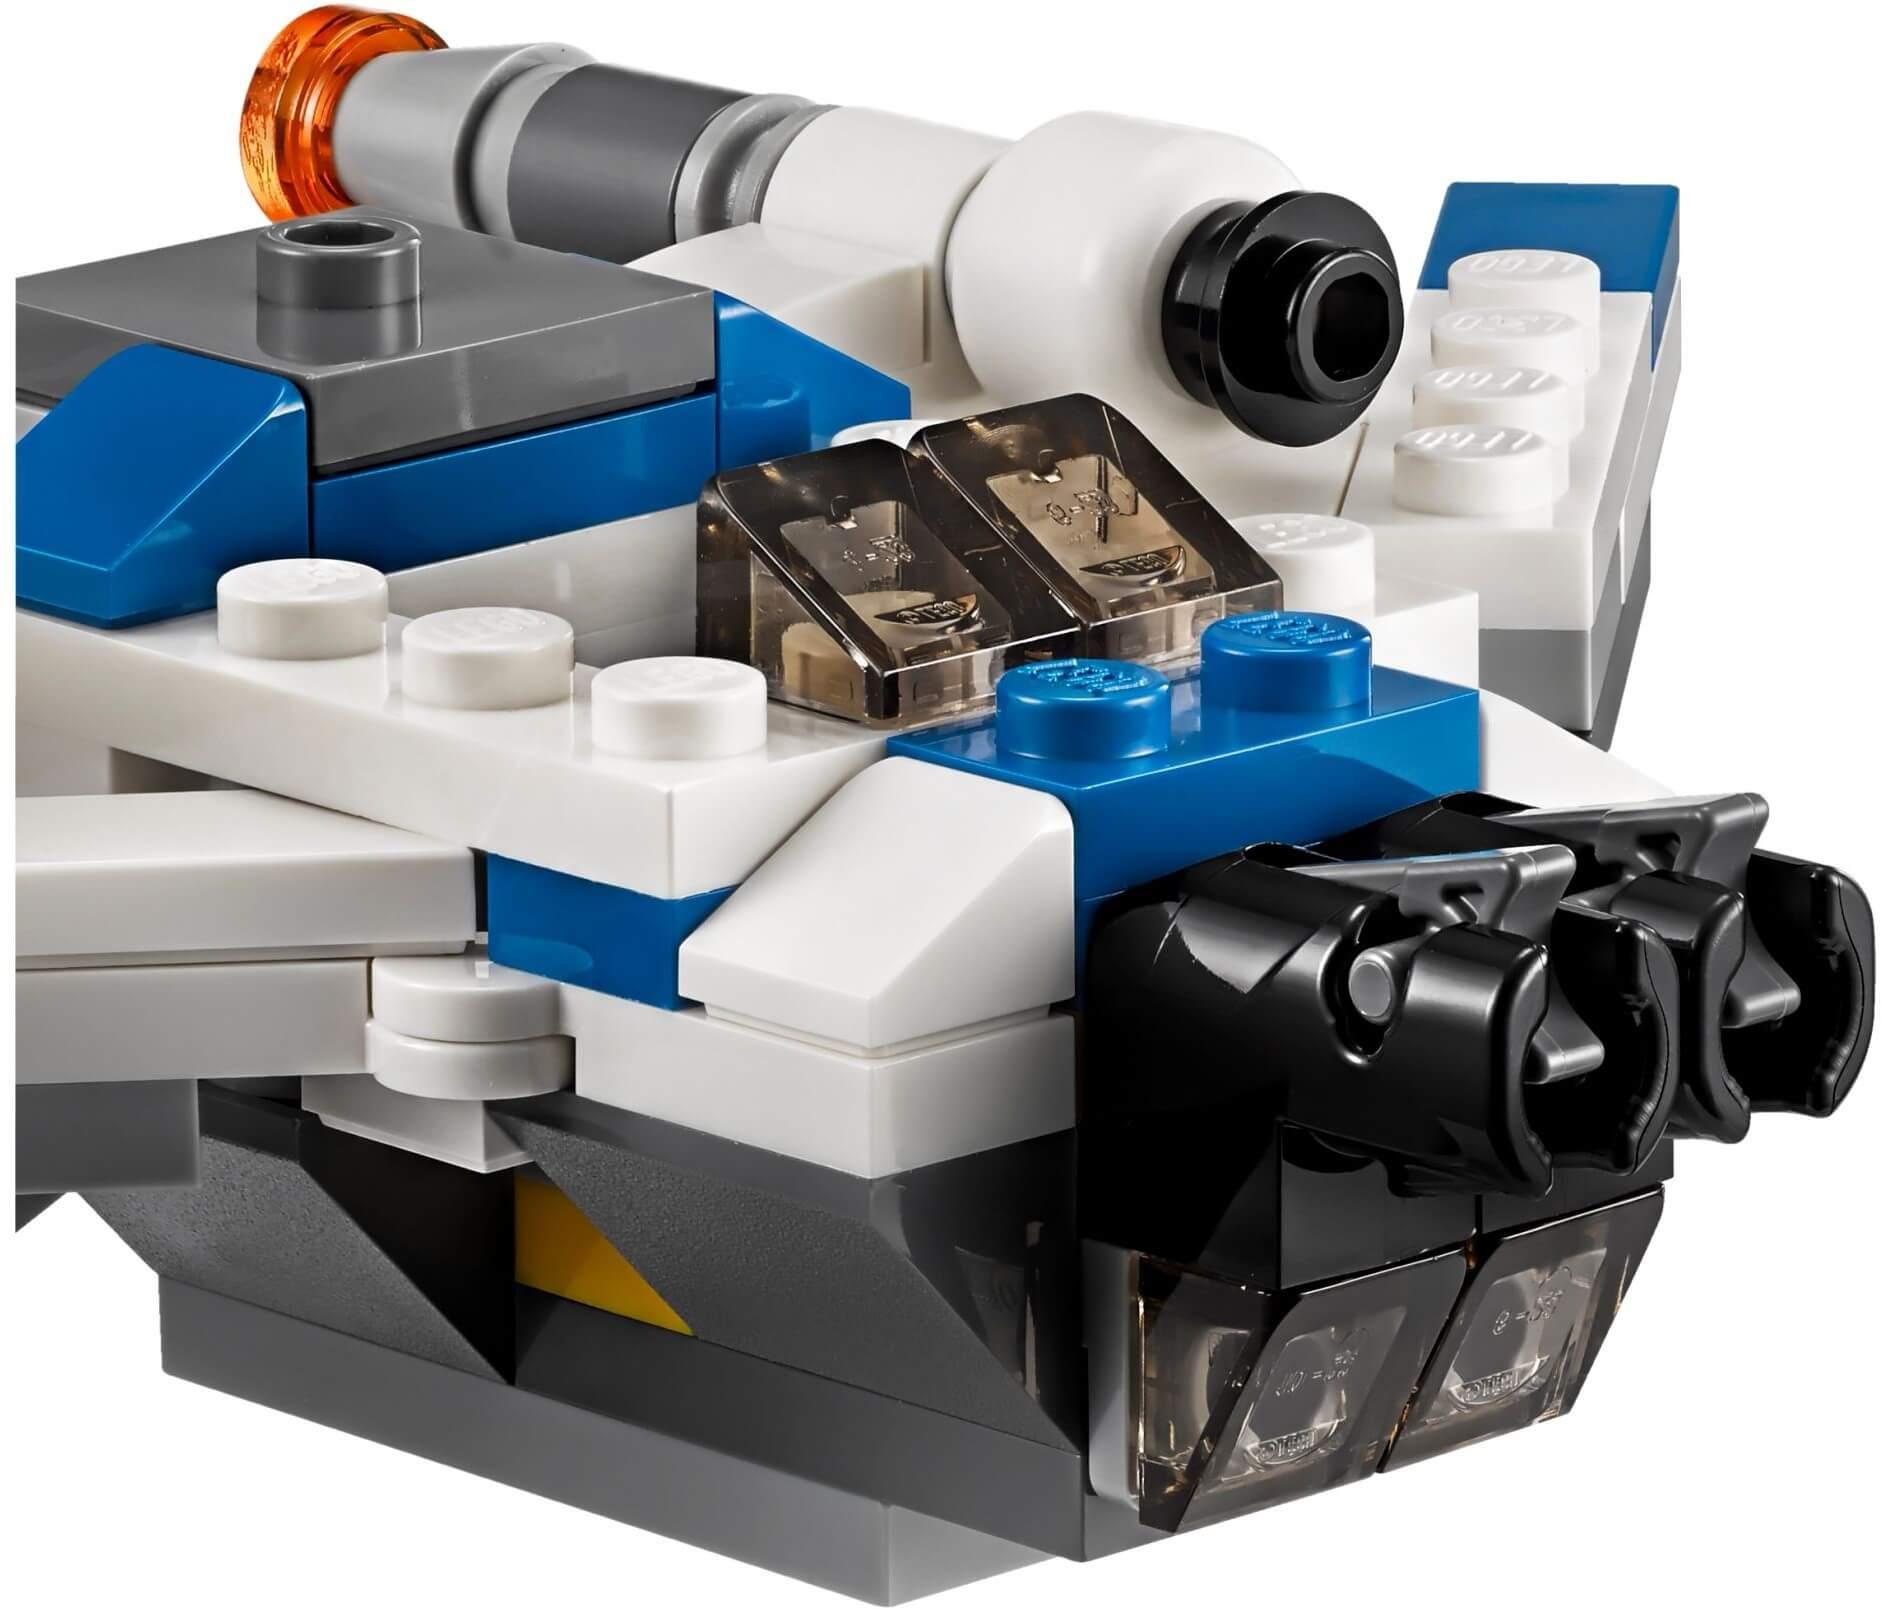 Mua đồ chơi LEGO 75160 - LEGO Star Wars 75160 - Phi Thuyền U-Wing (LEGO 75160 U-Wing Microfighter)